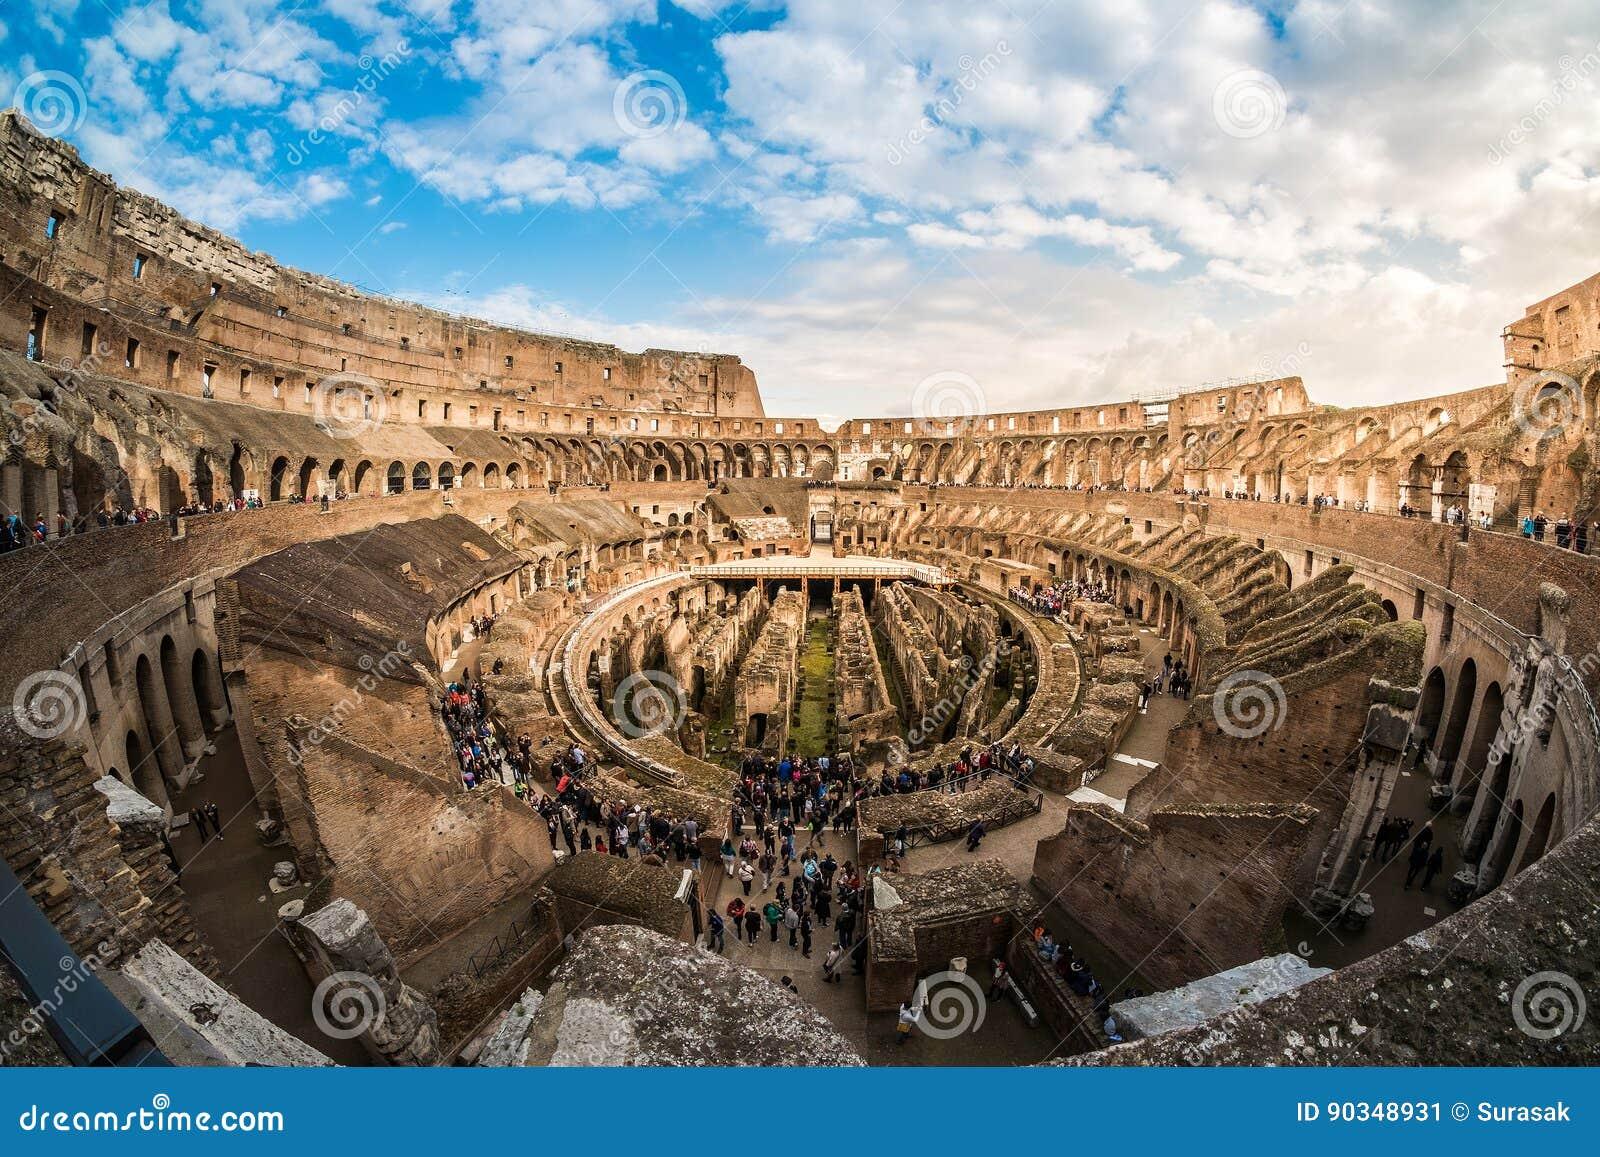 https://thumbs.dreamstime.com/z/rome-mars-int%C3%A9rieur-du-colis%C3%A9-de-colosseum-%C3%A9galement-90348931.jpg